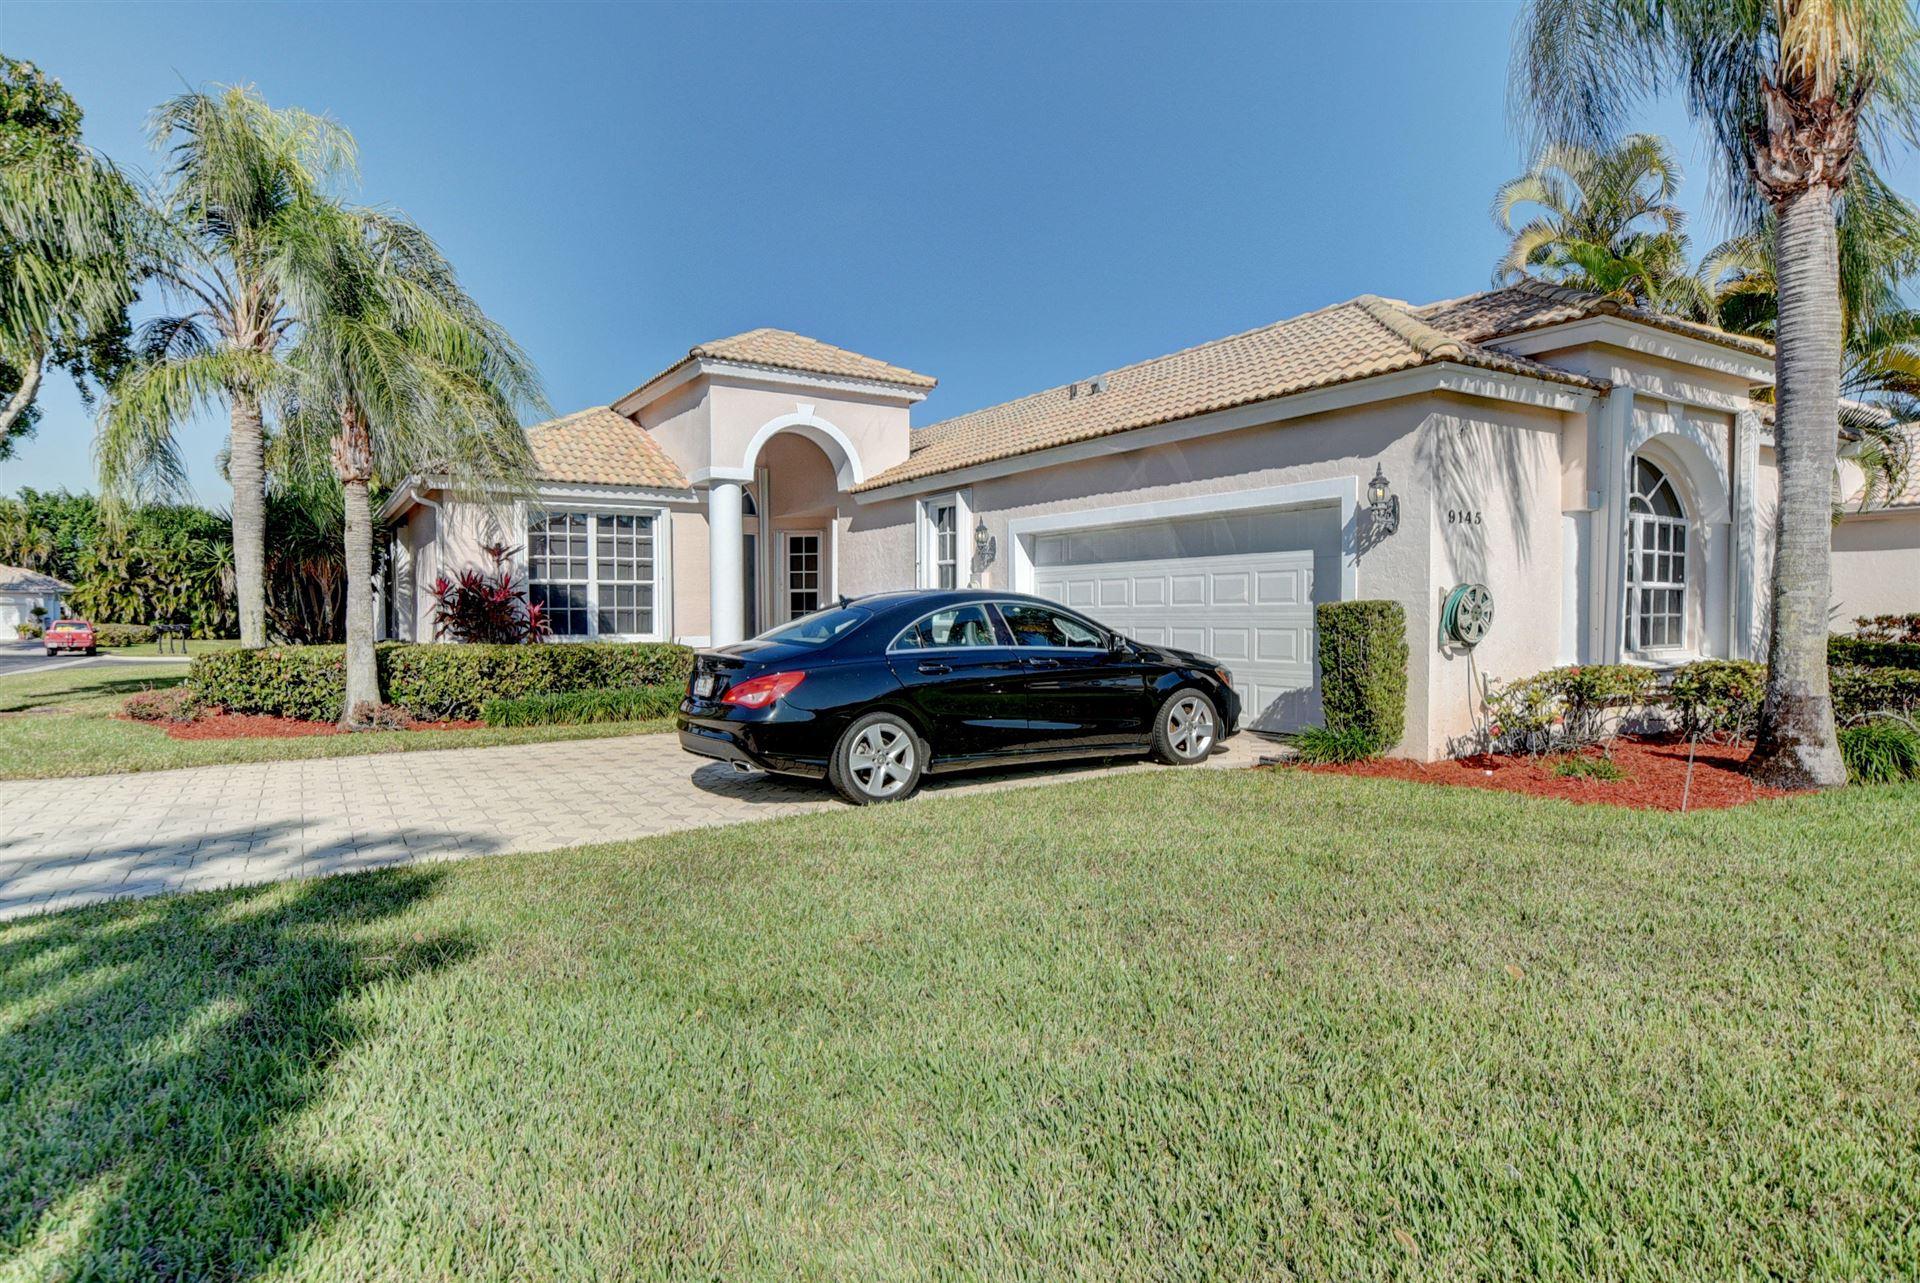 9145 Long Lake Palm Drive, Boca Raton, FL 33496 - MLS#: RX-10681898